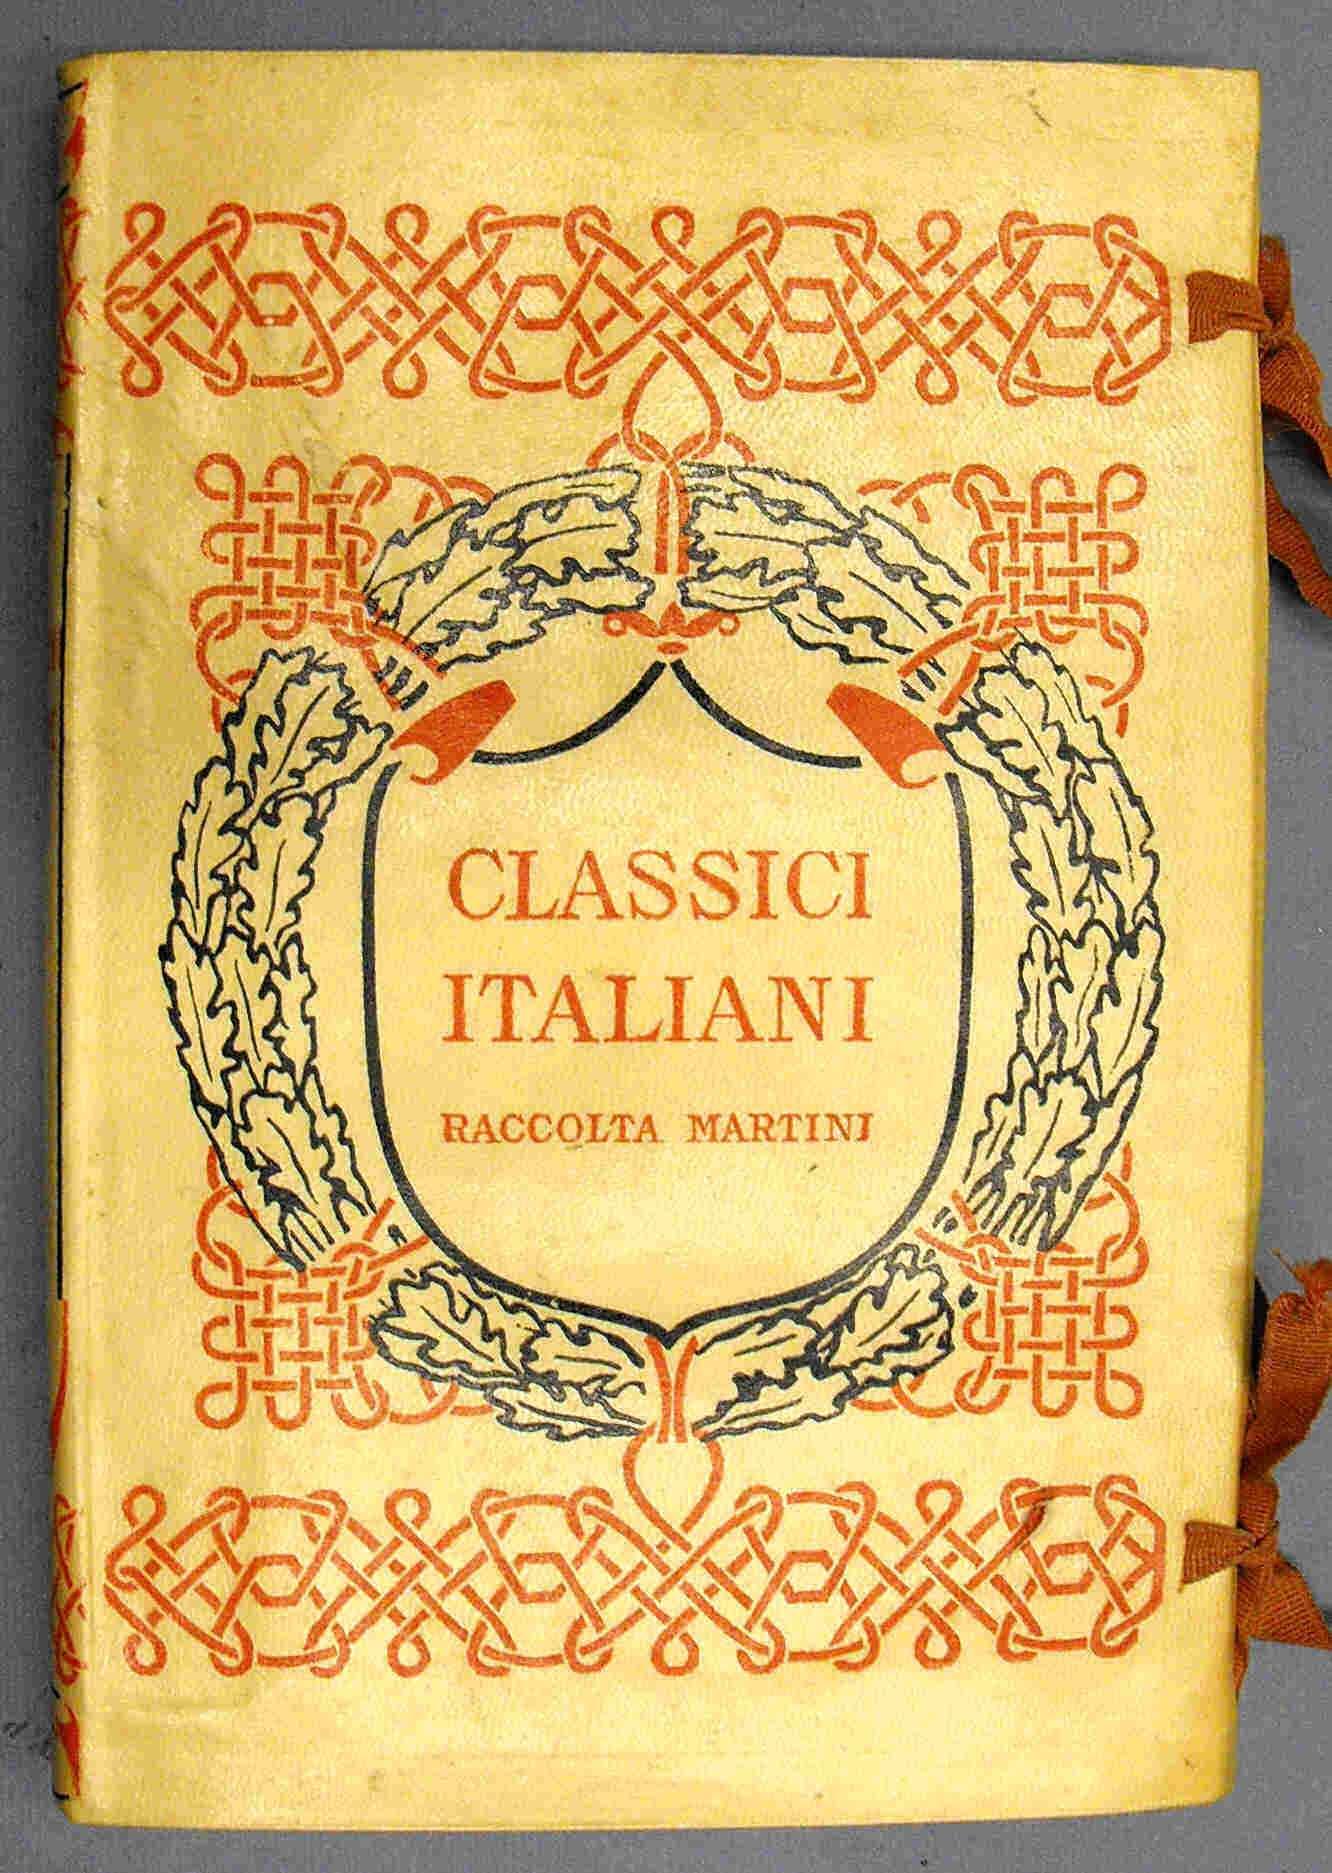 BINI - SCRITTI preceduti da un discorso di Giuseppe Mazzini